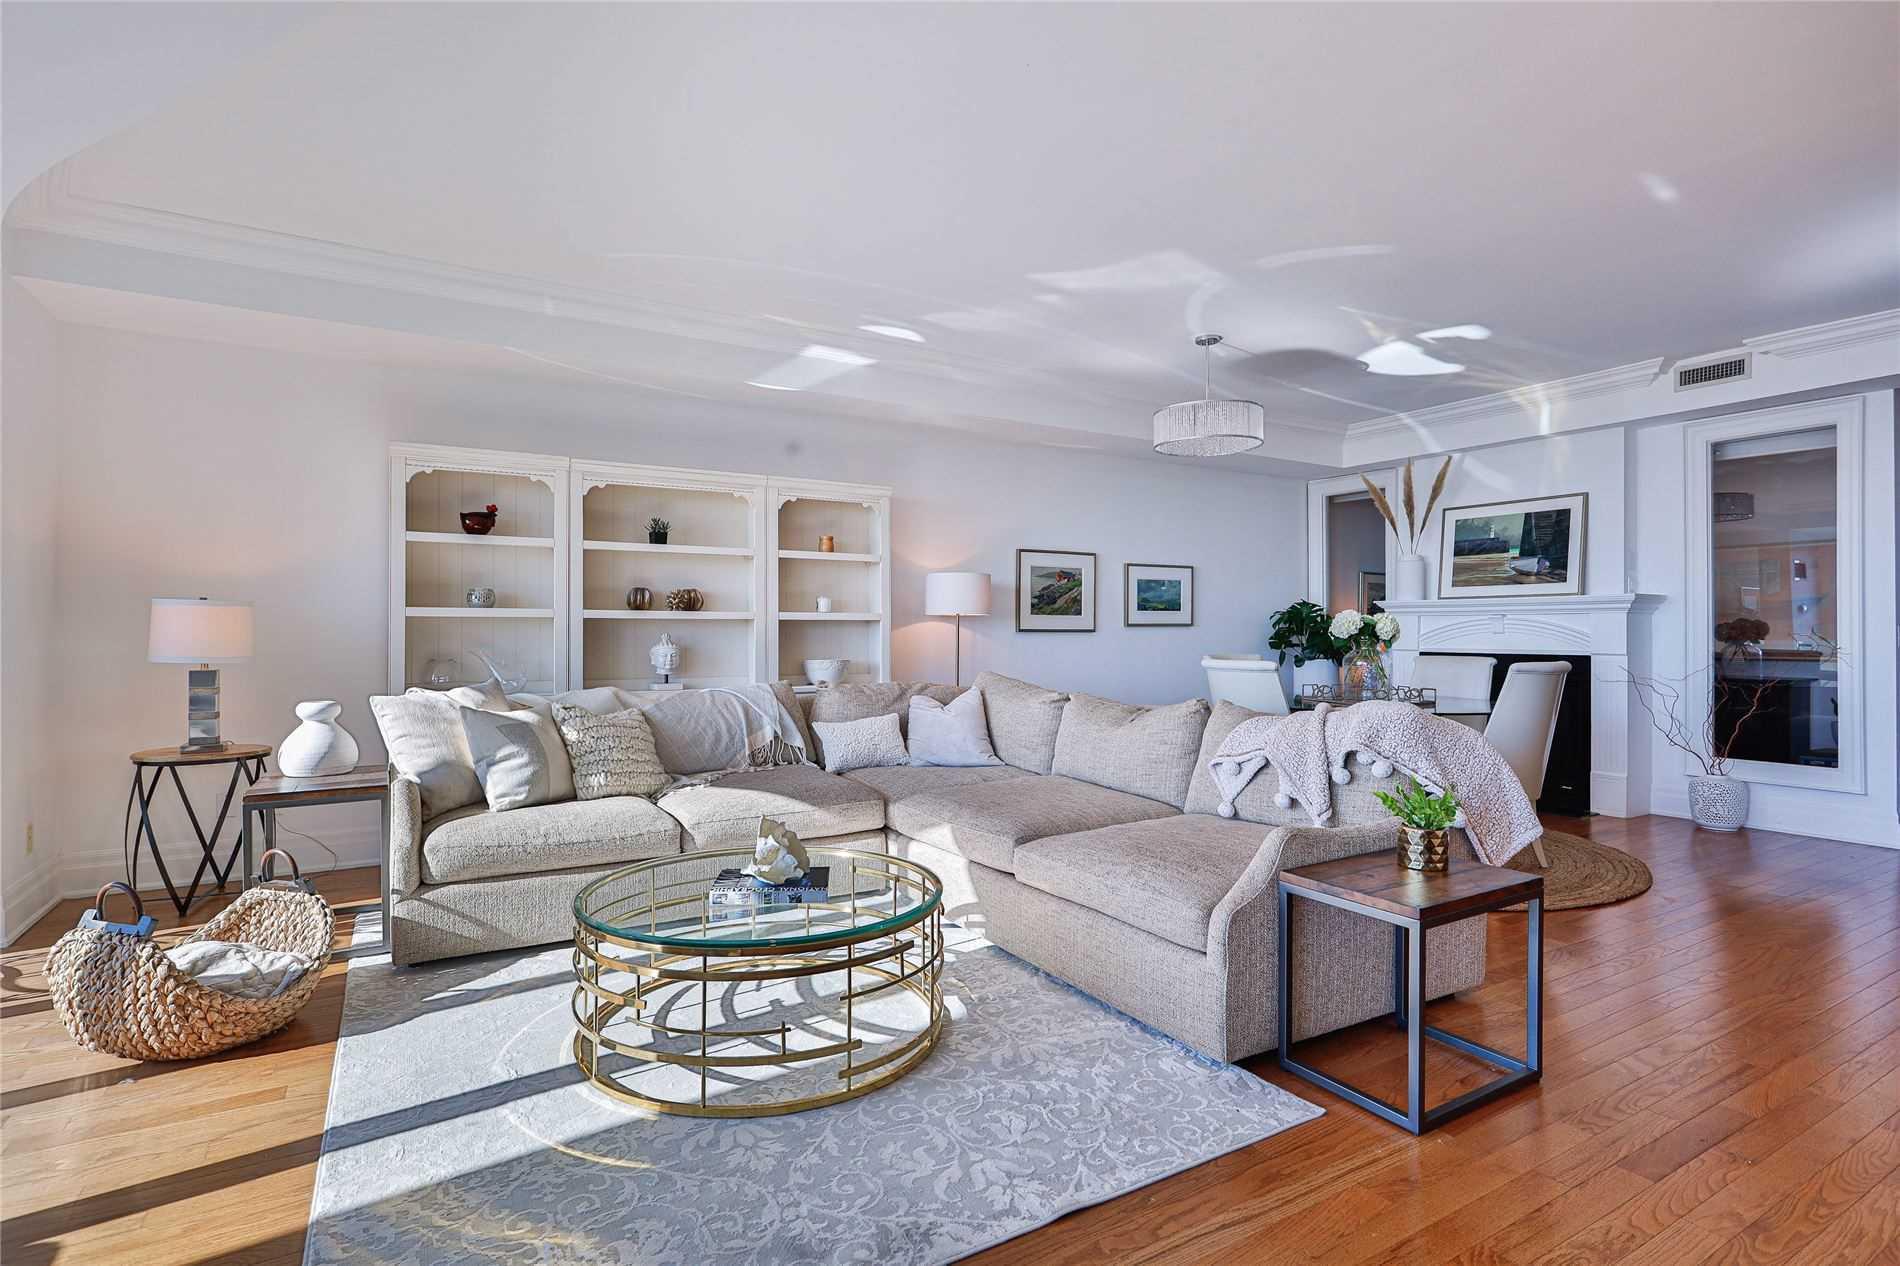 317 - 2095 Lake Shore Blvd W - Mimico Condo Apt for sale, 2 Bedrooms (W5369727) - #9